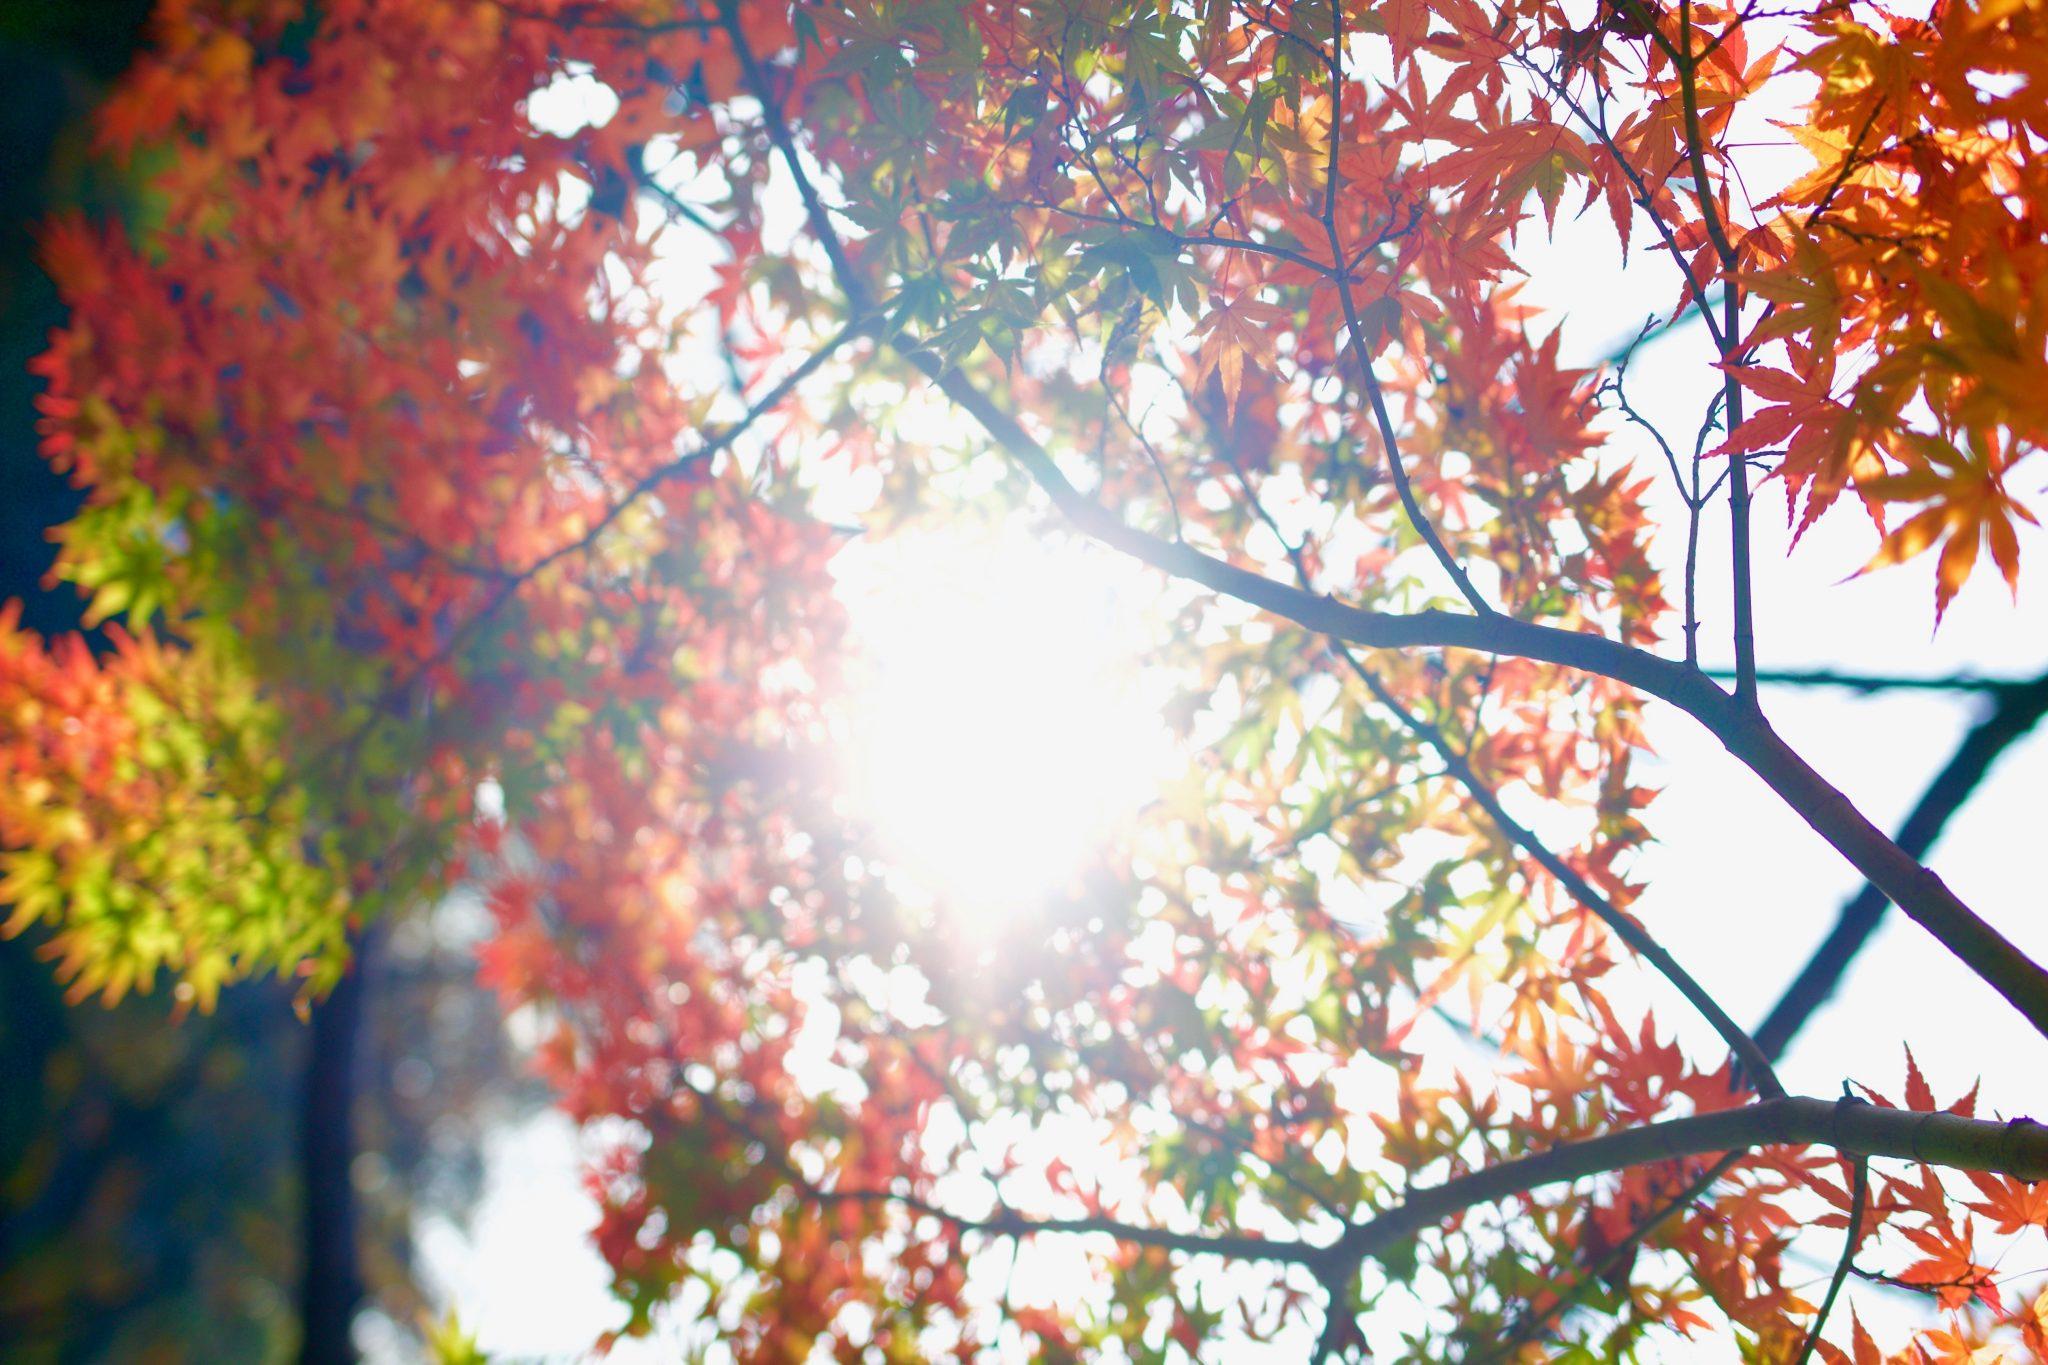 Winterklaar Maken Tuin : De tuin winterklaar maken of niet nieuws tuincentrum de